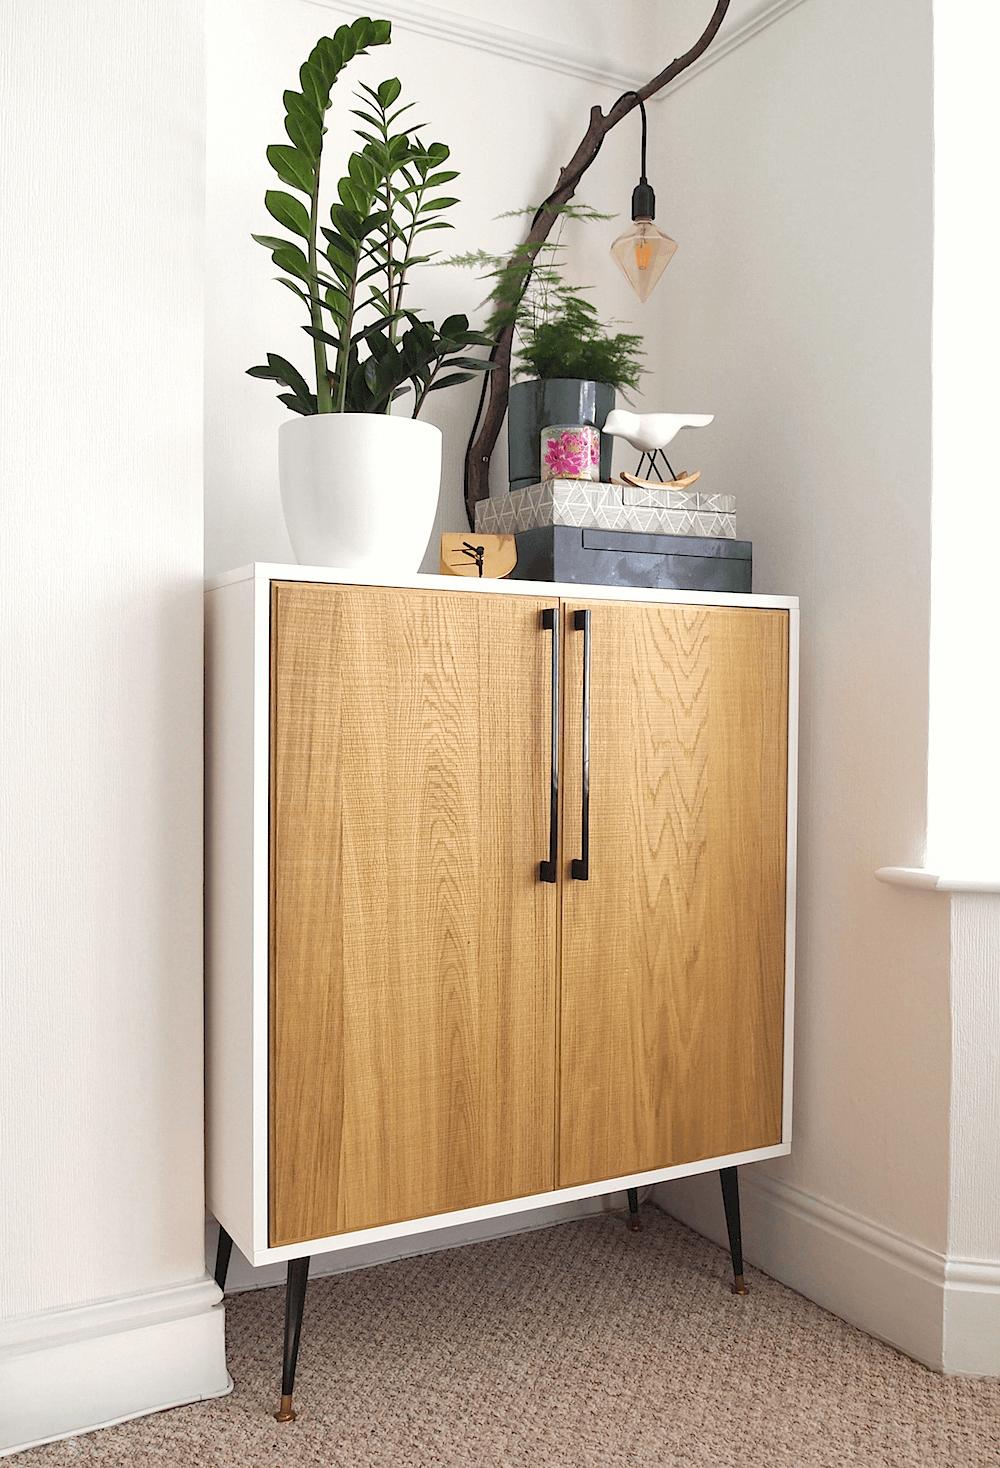 DIY Cabinet IKEA Hack 22 Simphome com